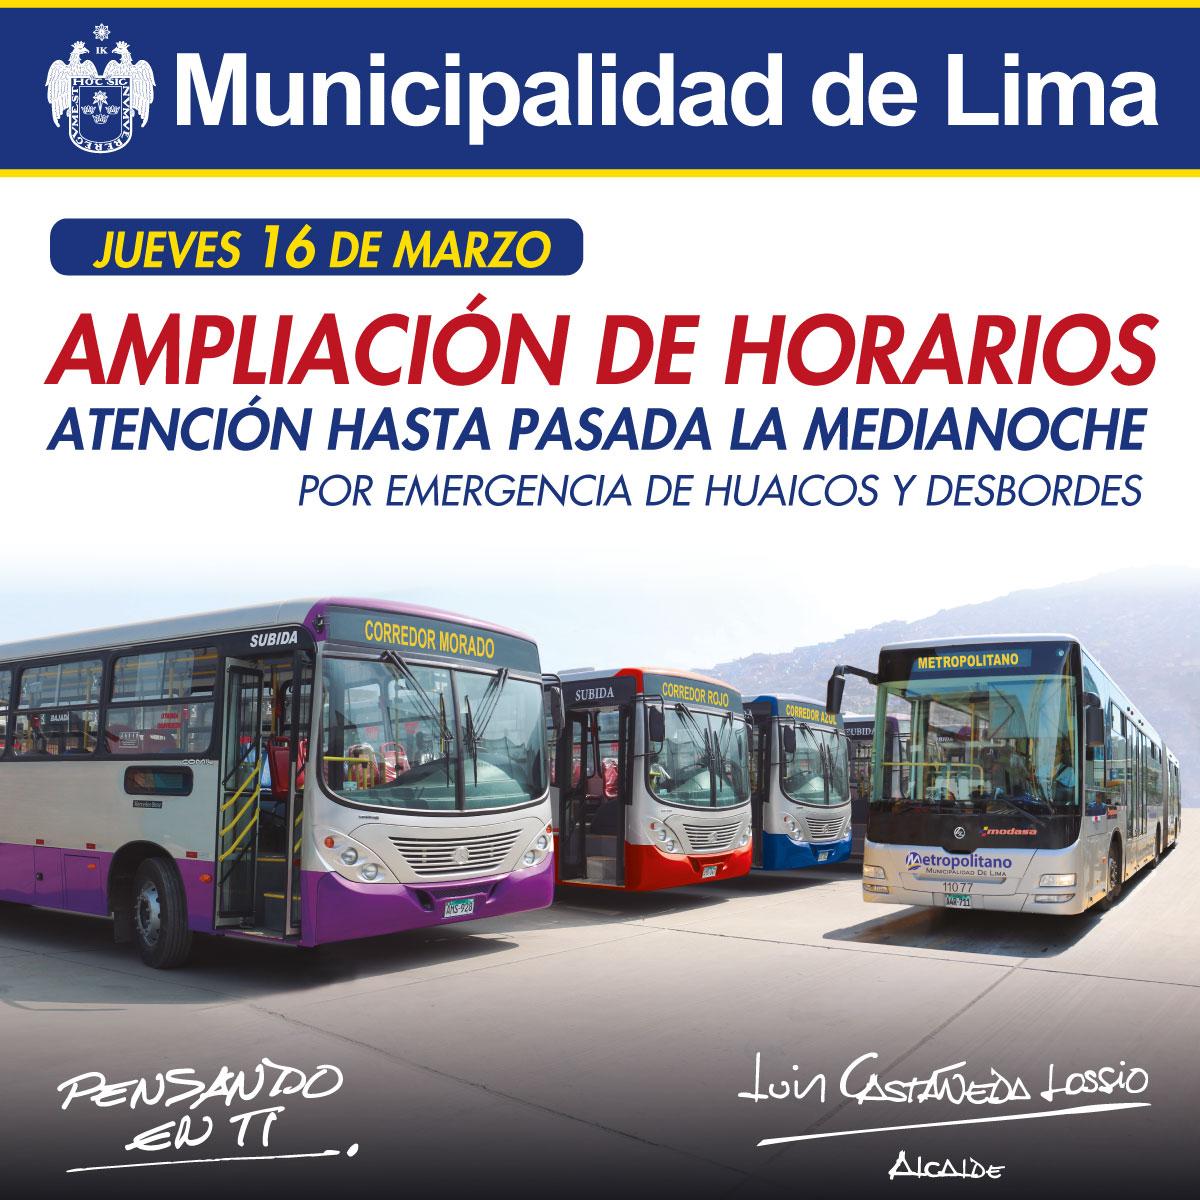 AMPLIACION-DE-HORARIOS_METROPOLITANO-Y-CORREDORES